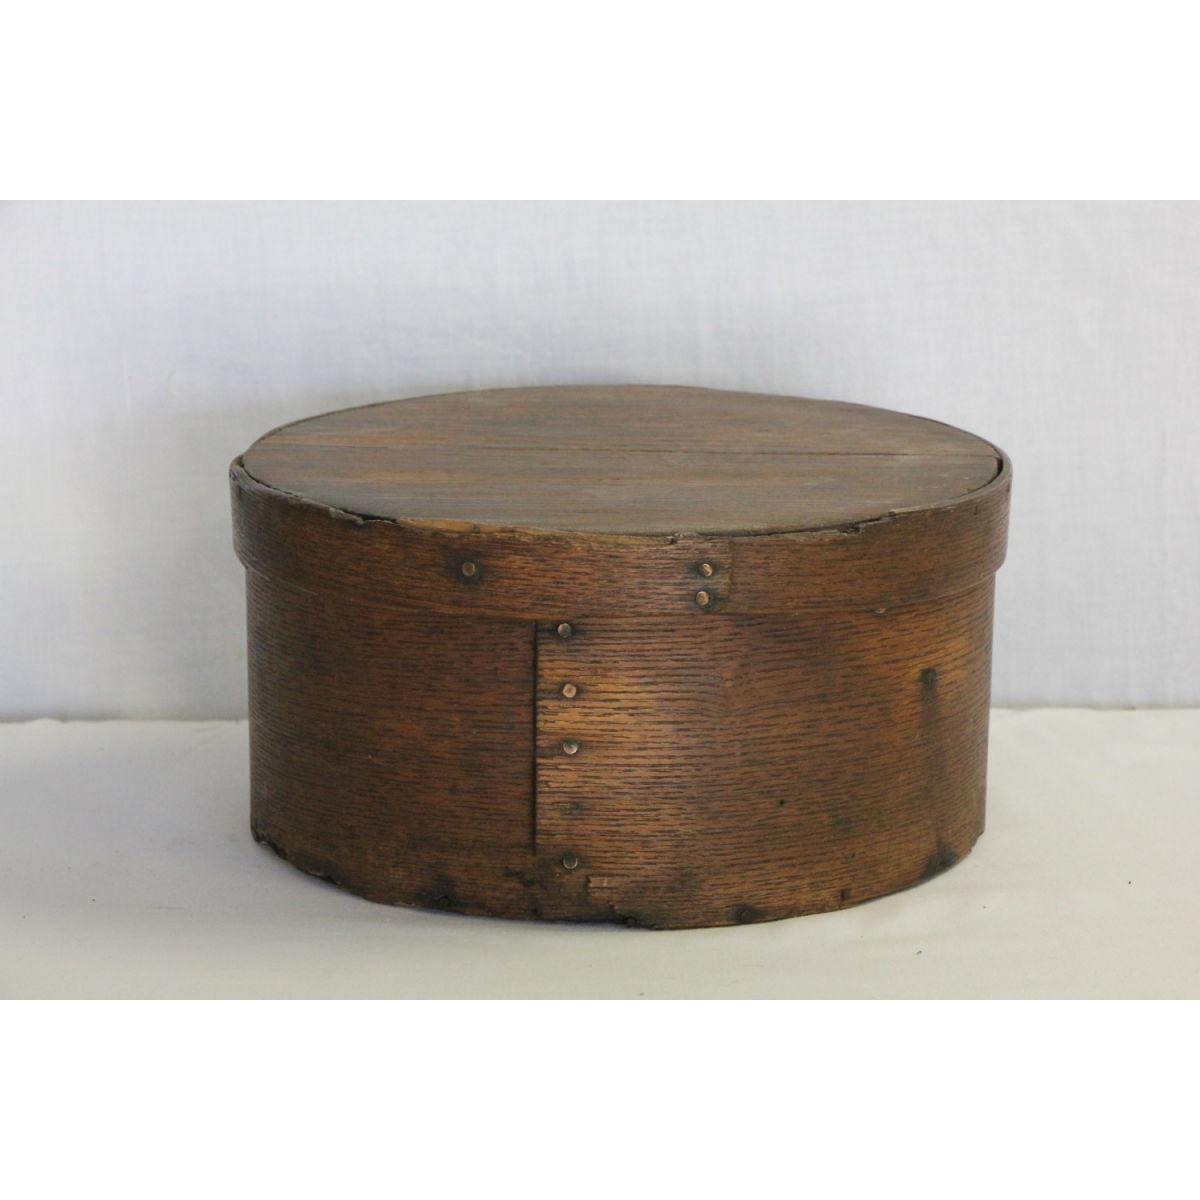 Medium Size Nice Patina Original Wood Pantry Box